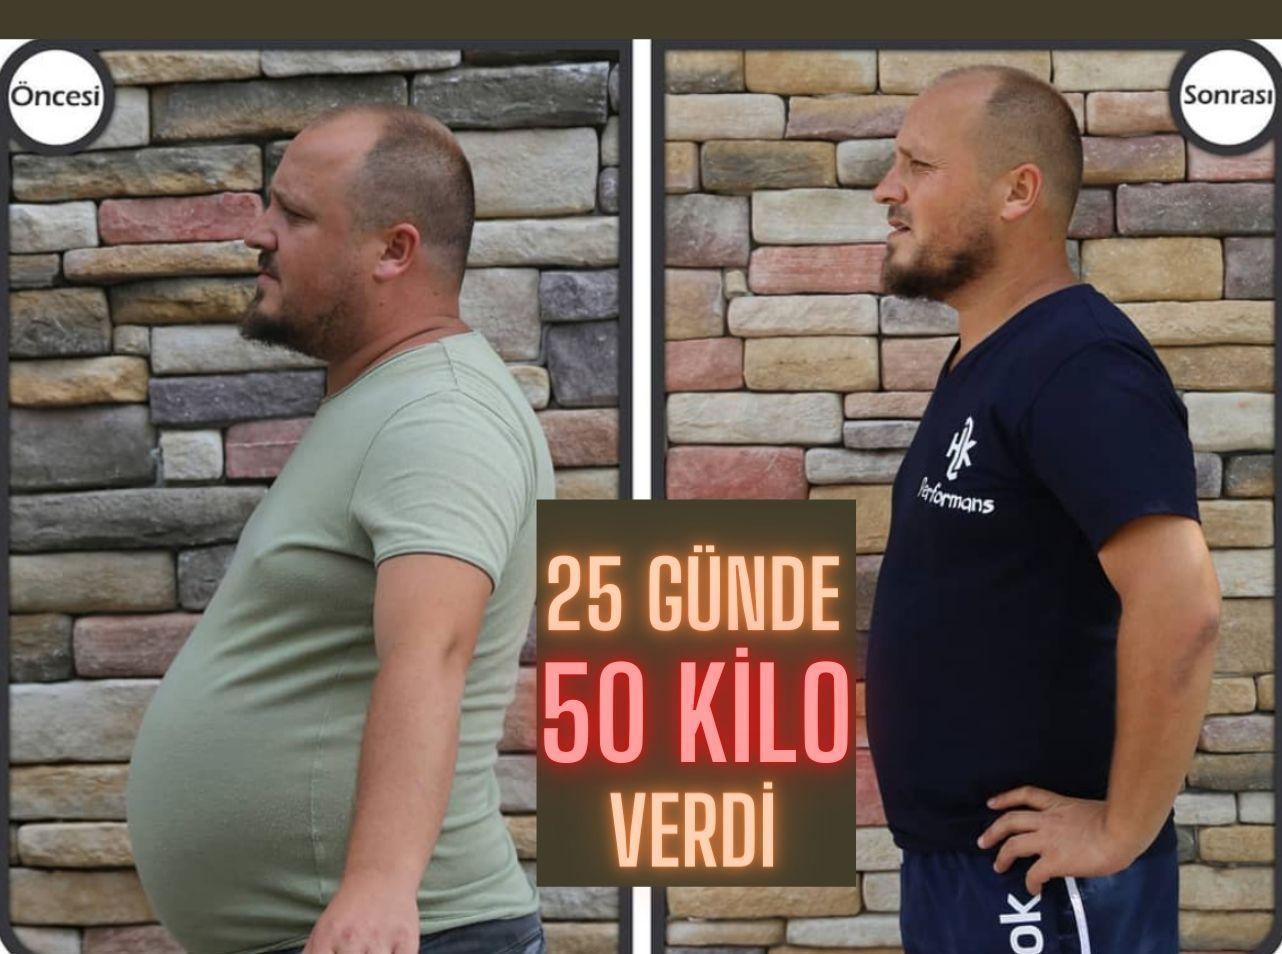 25 Günde 50 Kilo verdi